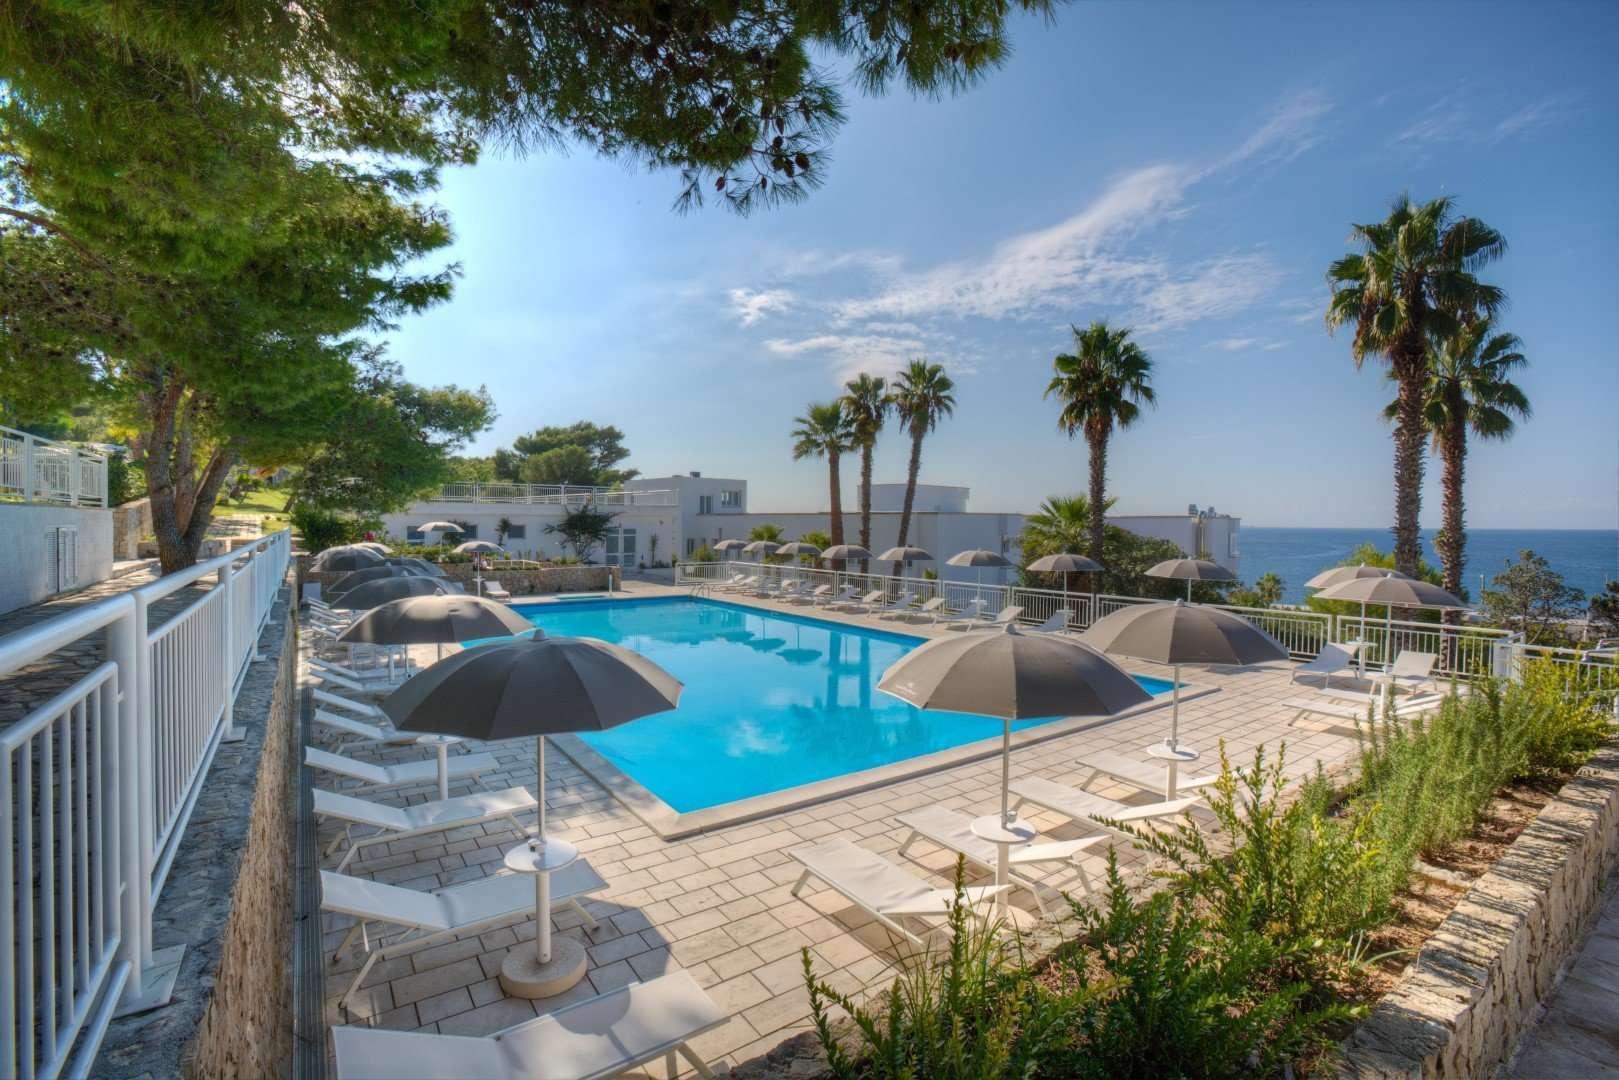 grand hotel riviera - puglia - italie - zwembad met ligbedden en parasols